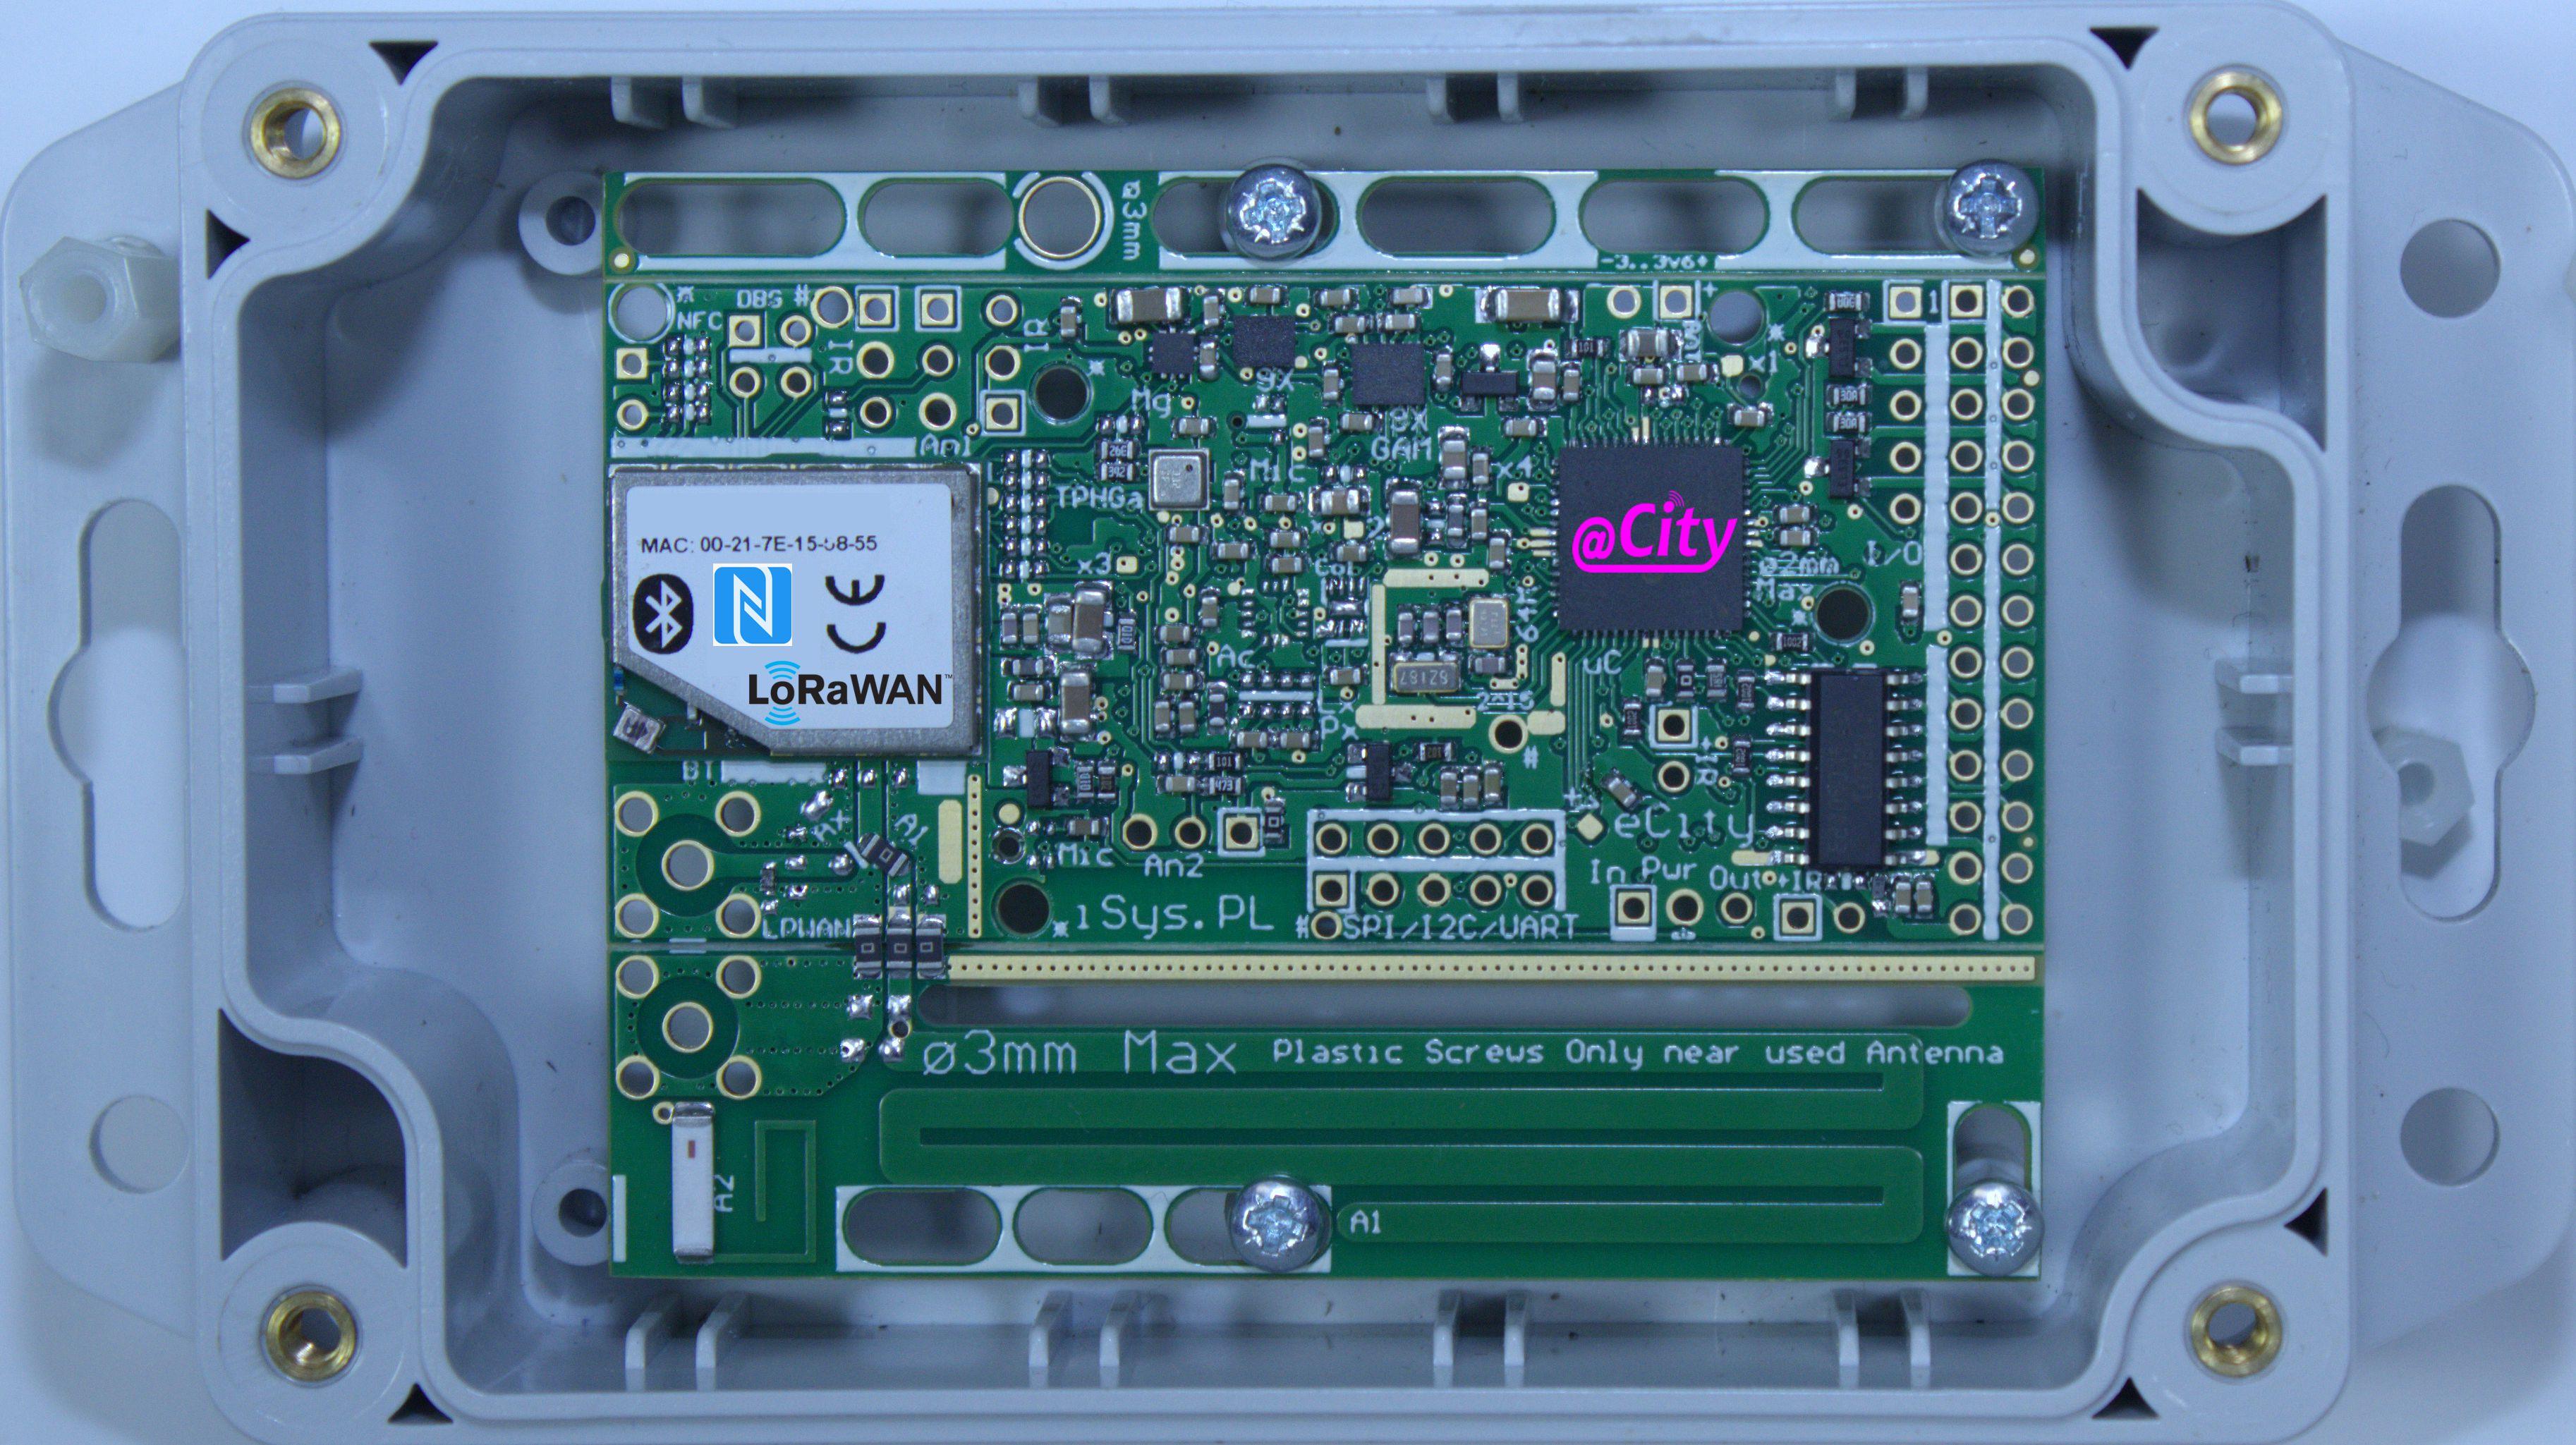 IoT/IIoT, Smart City, Smart Lighting LoRaWAN